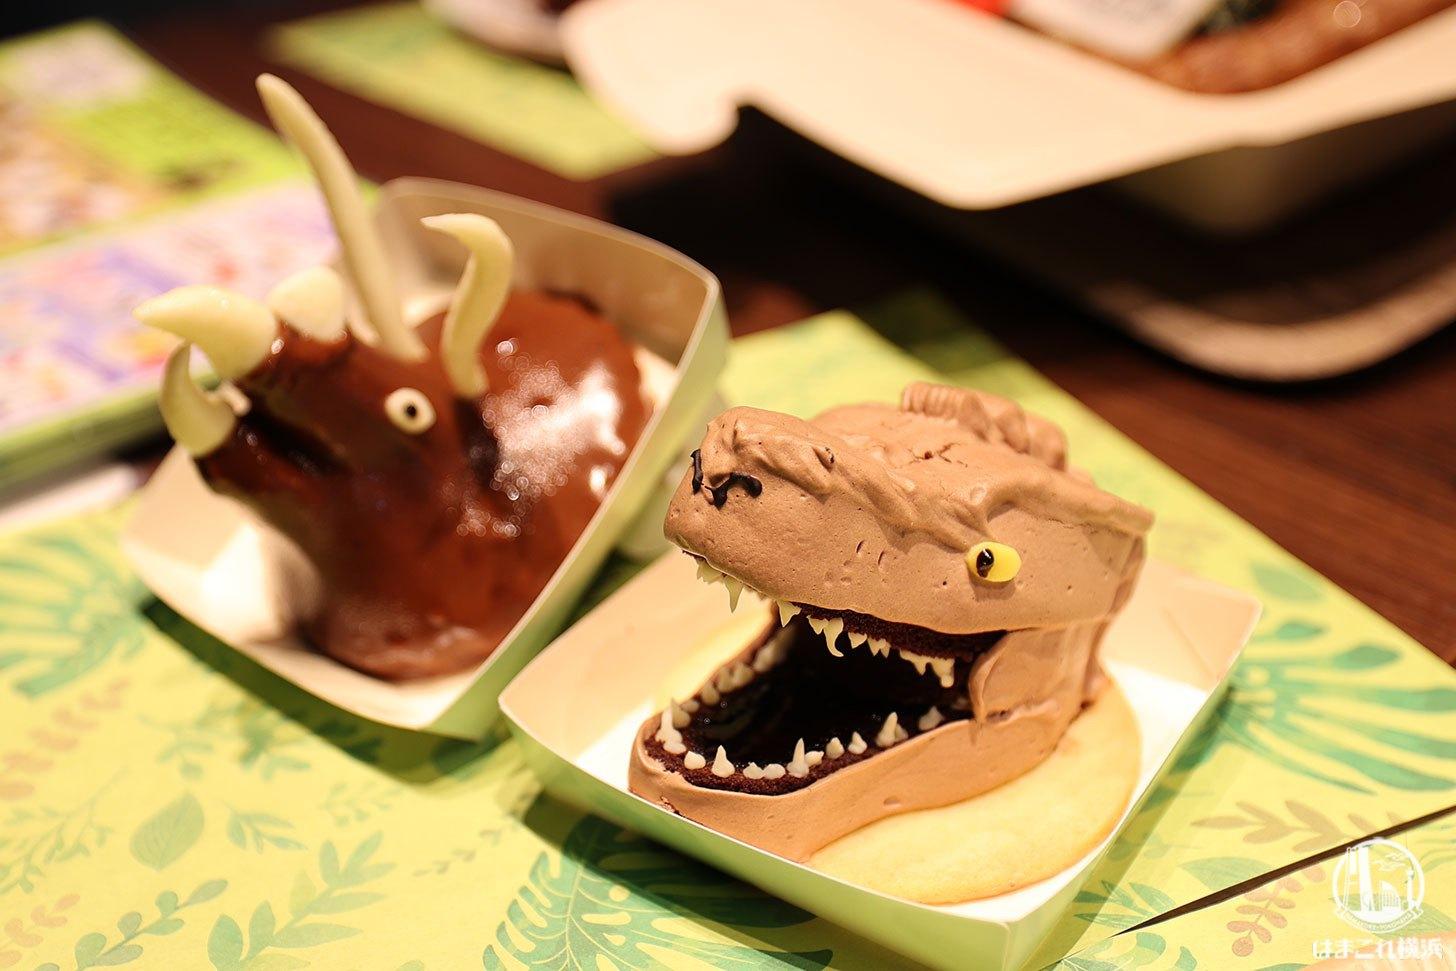 恐竜の顔をしたケーキ